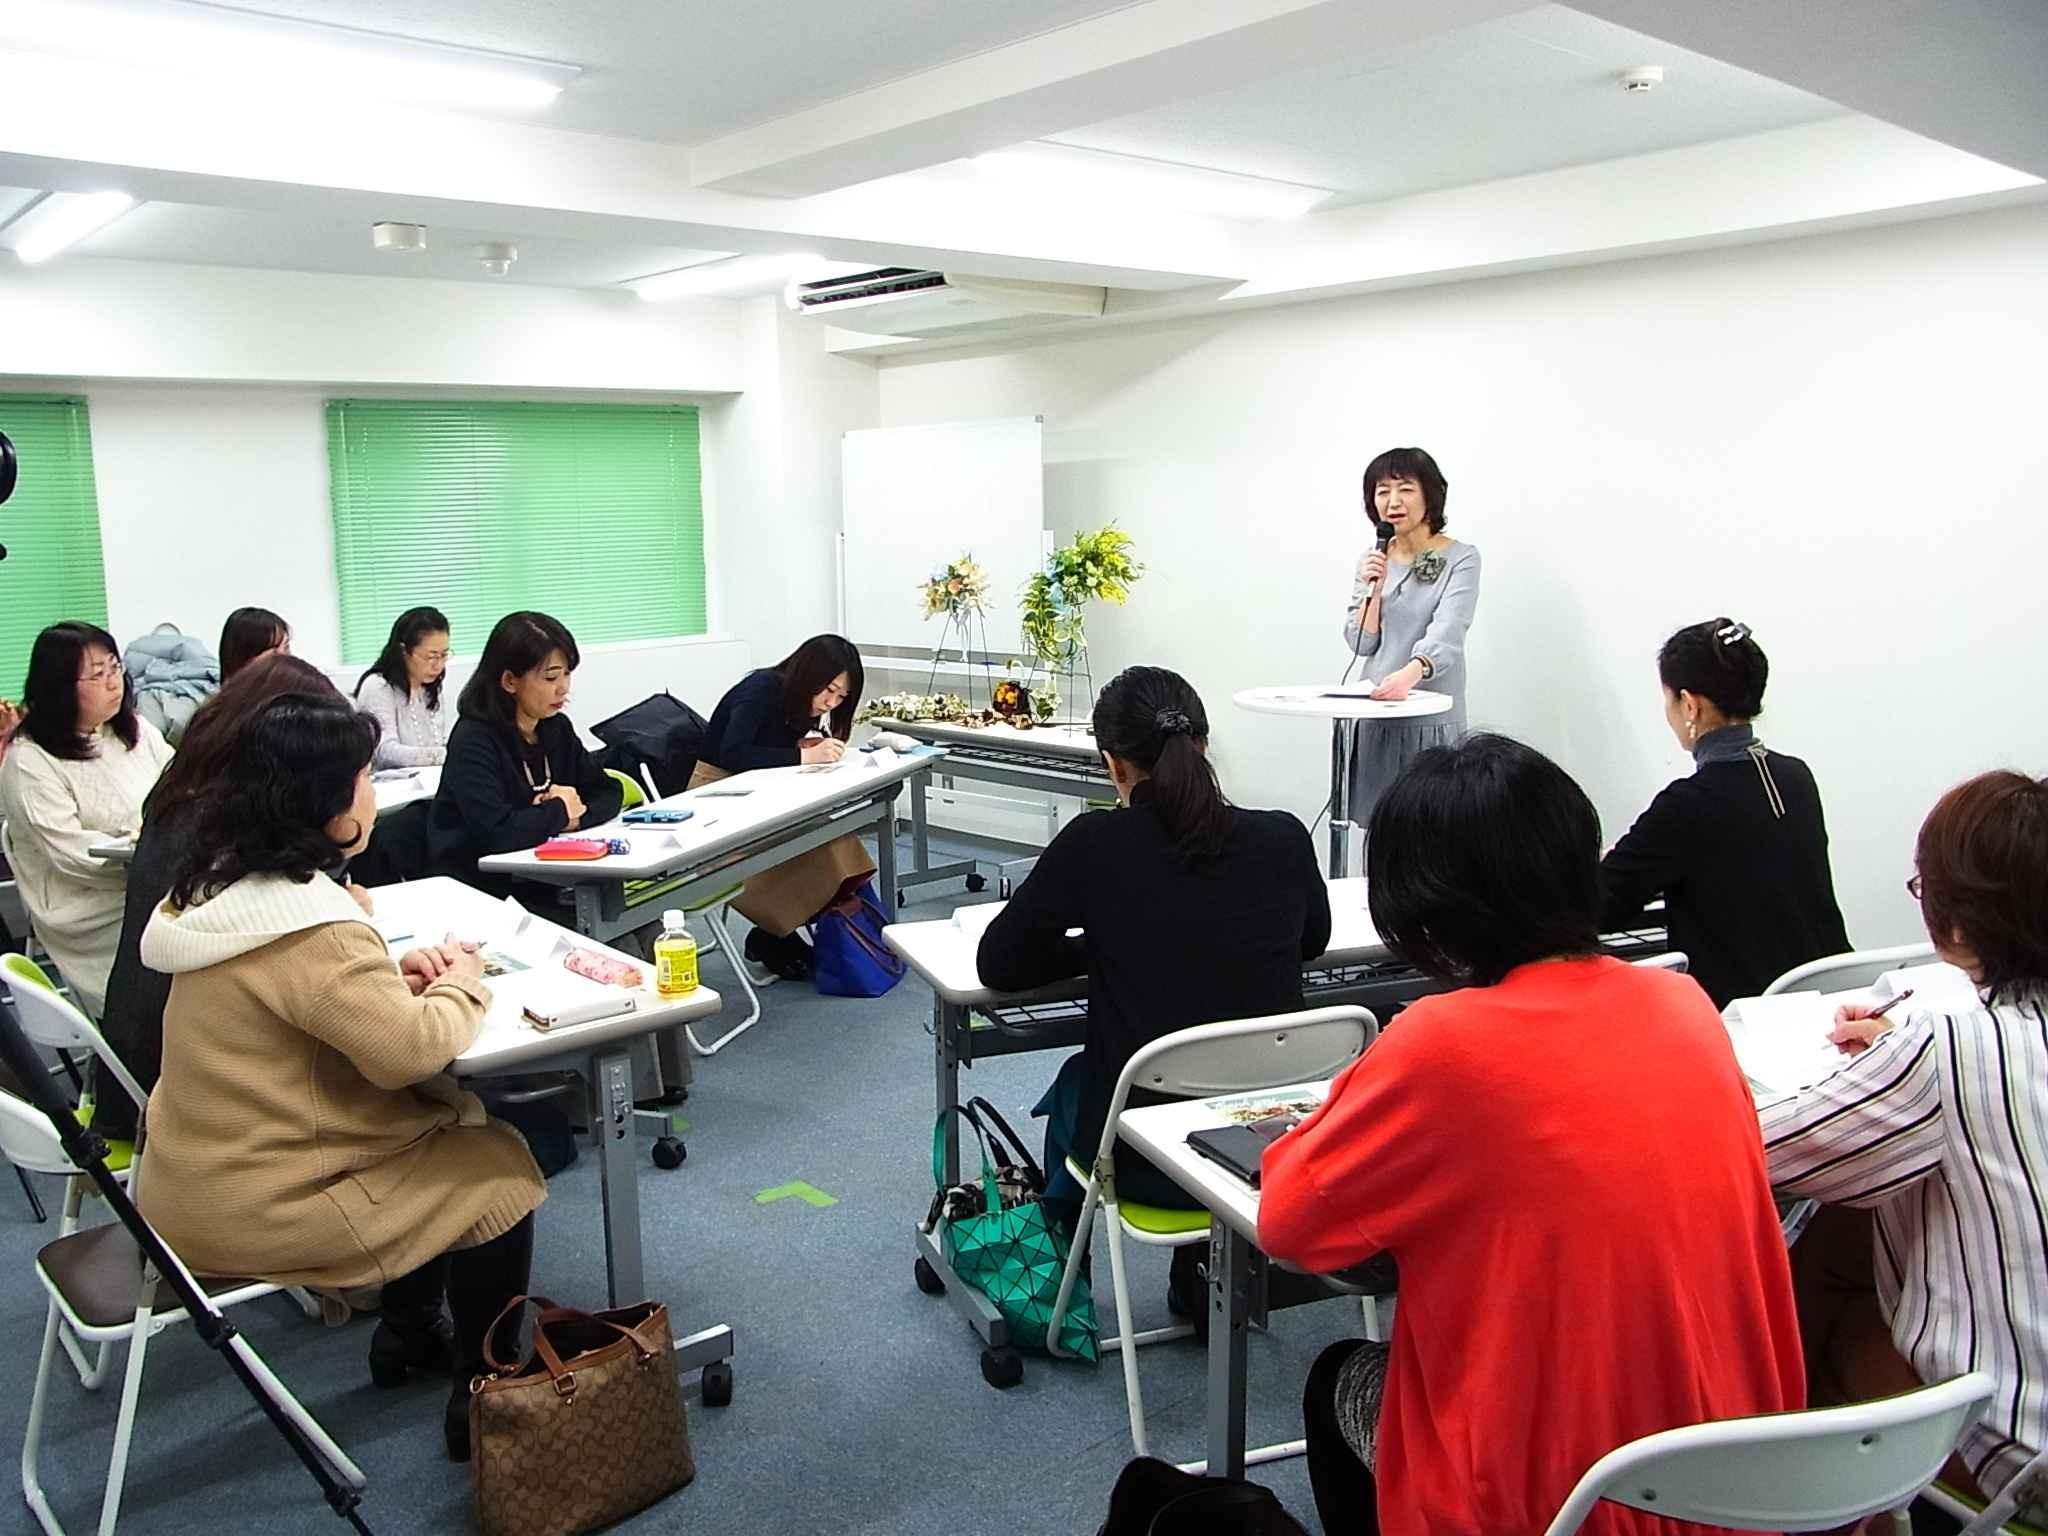 教室運営・集客ノウハウ 作品・運営・人生 最強の3柱